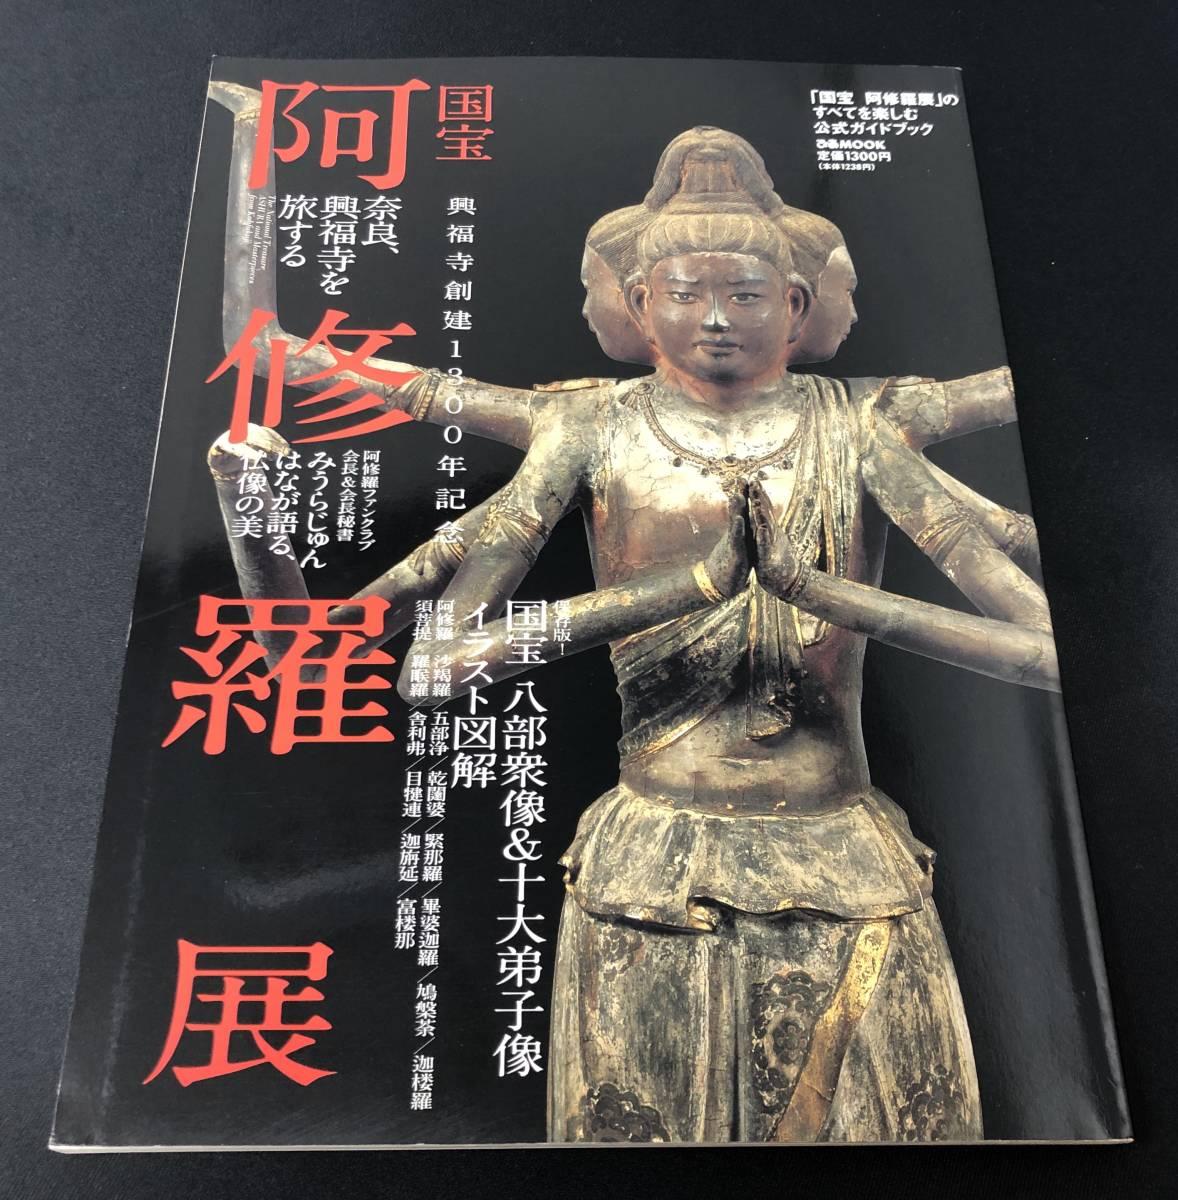 国宝阿修羅展のすべてを楽しむ公式ガイドブック 興福寺 仏像 阿修羅像 八部衆像 十大弟子像 _画像1